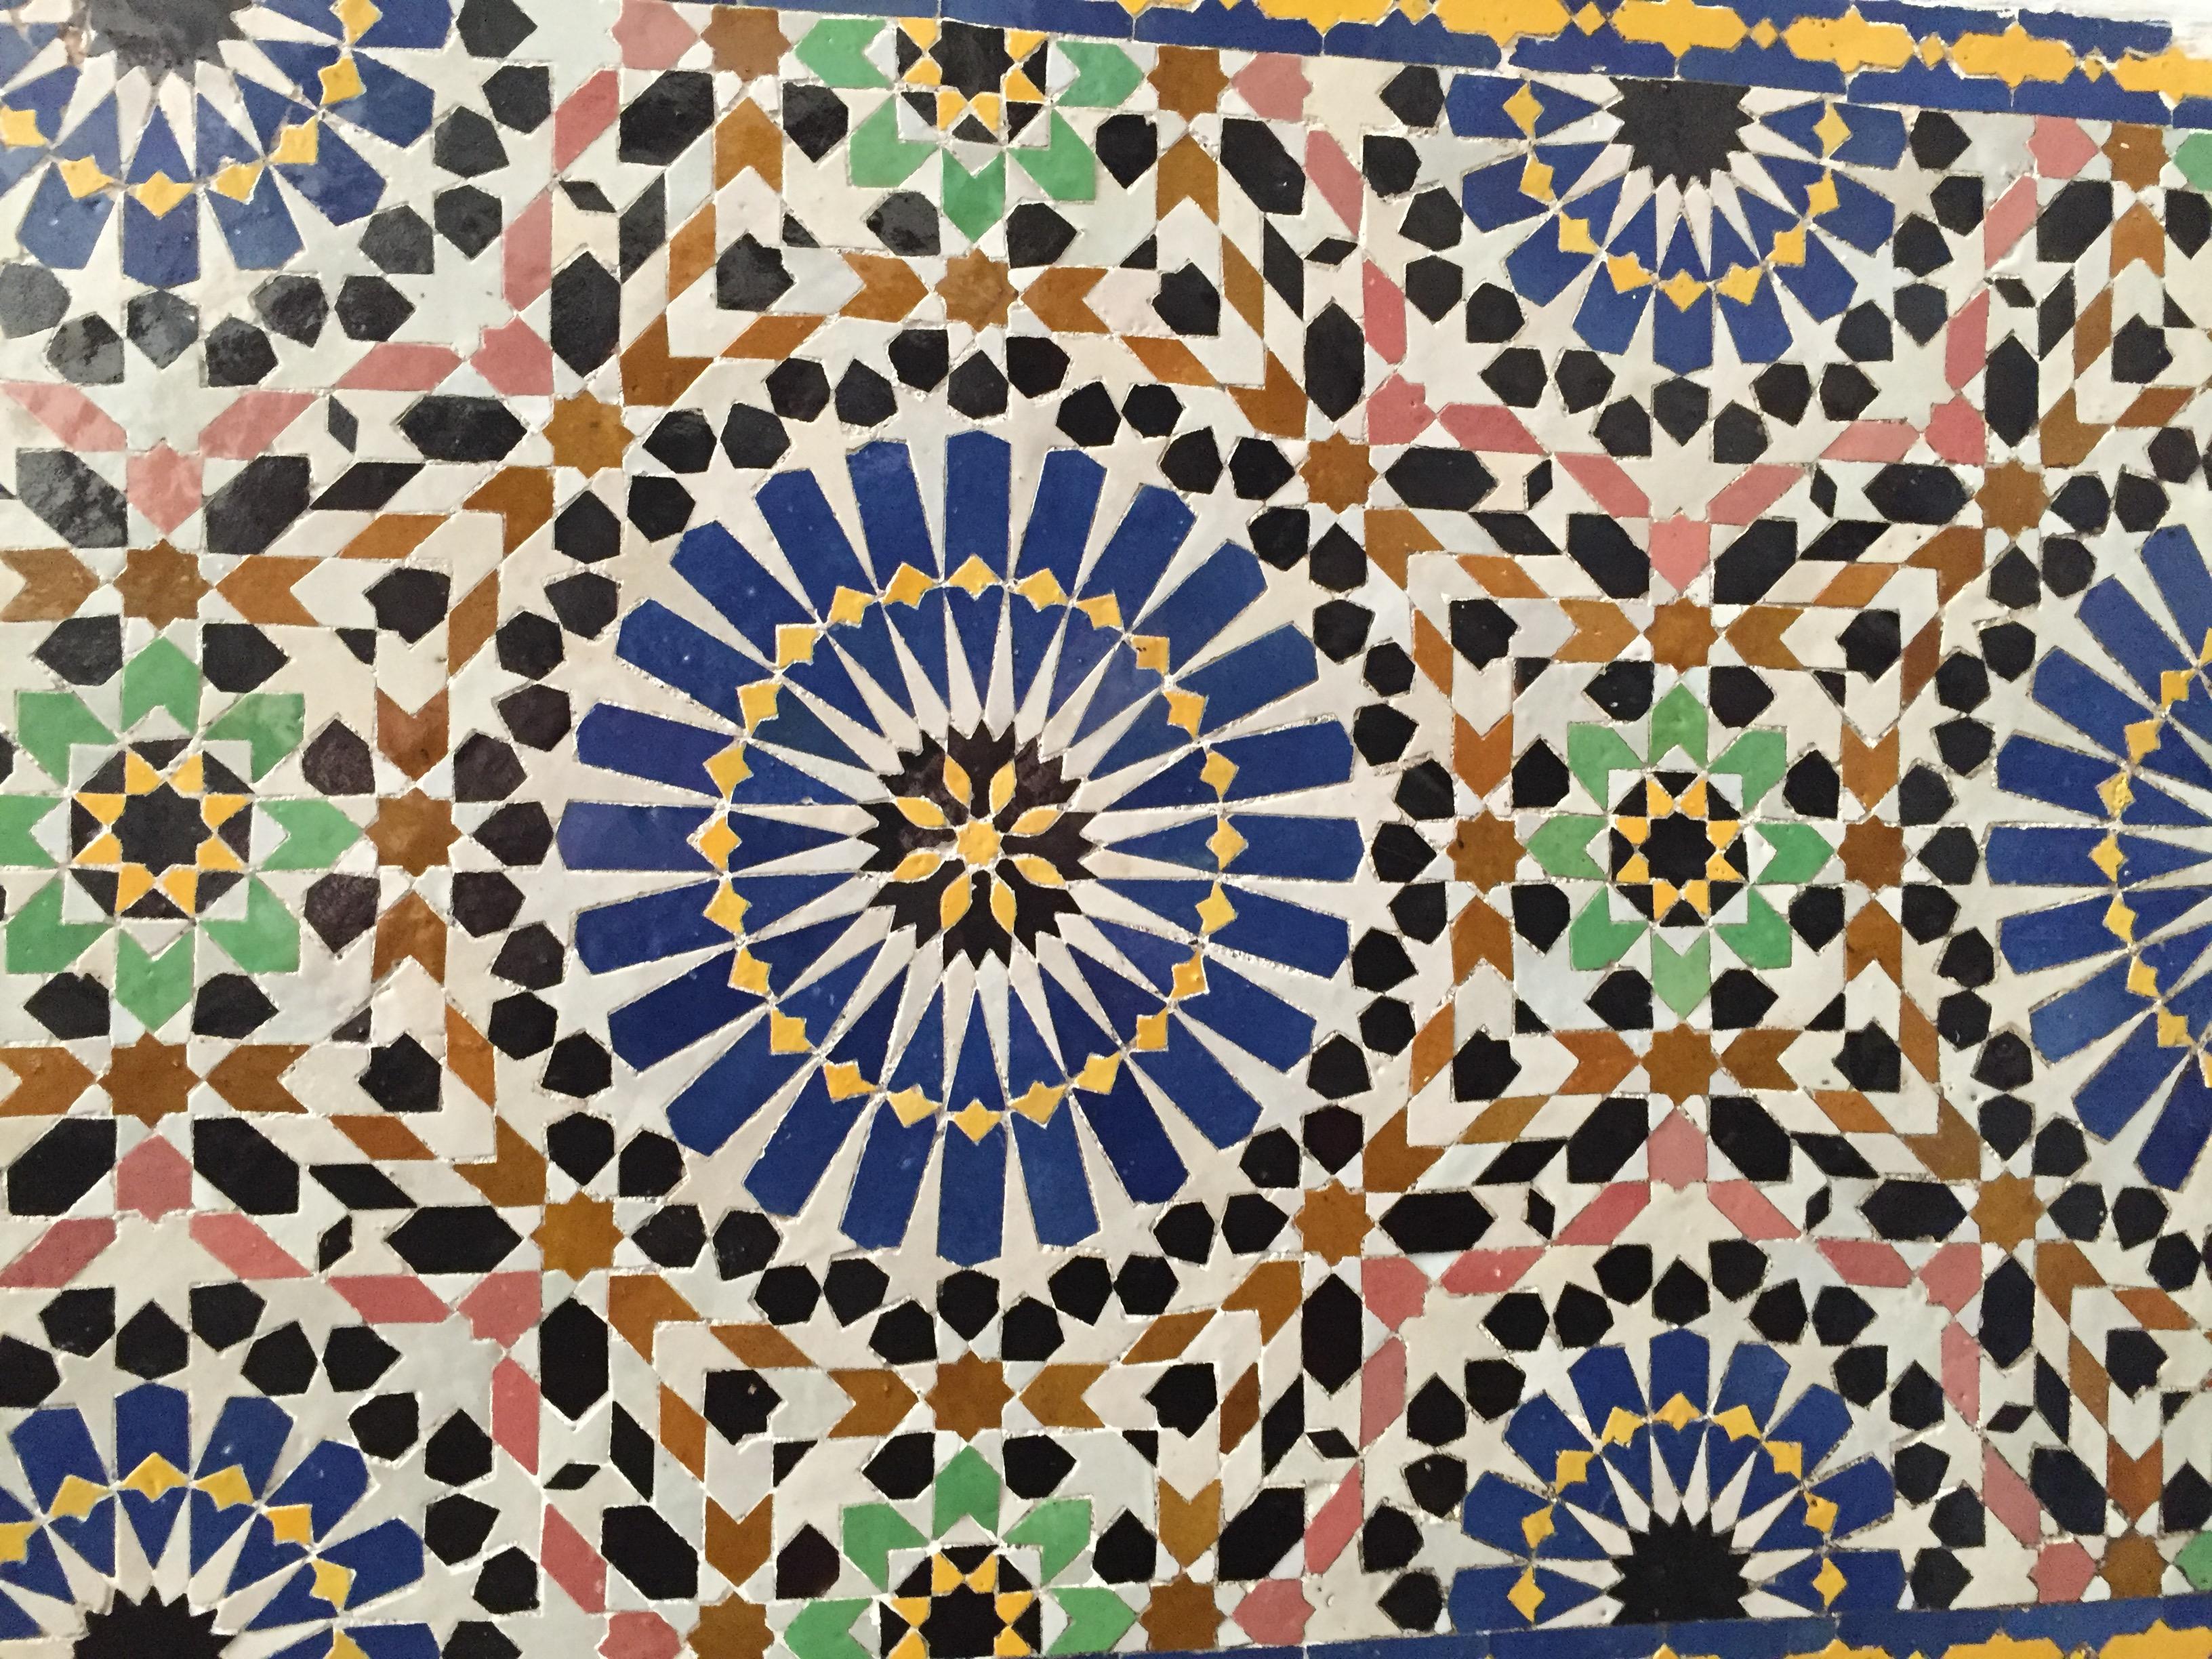 Appunti visivi di un grafico in vacanza: i pattern di fes marocco